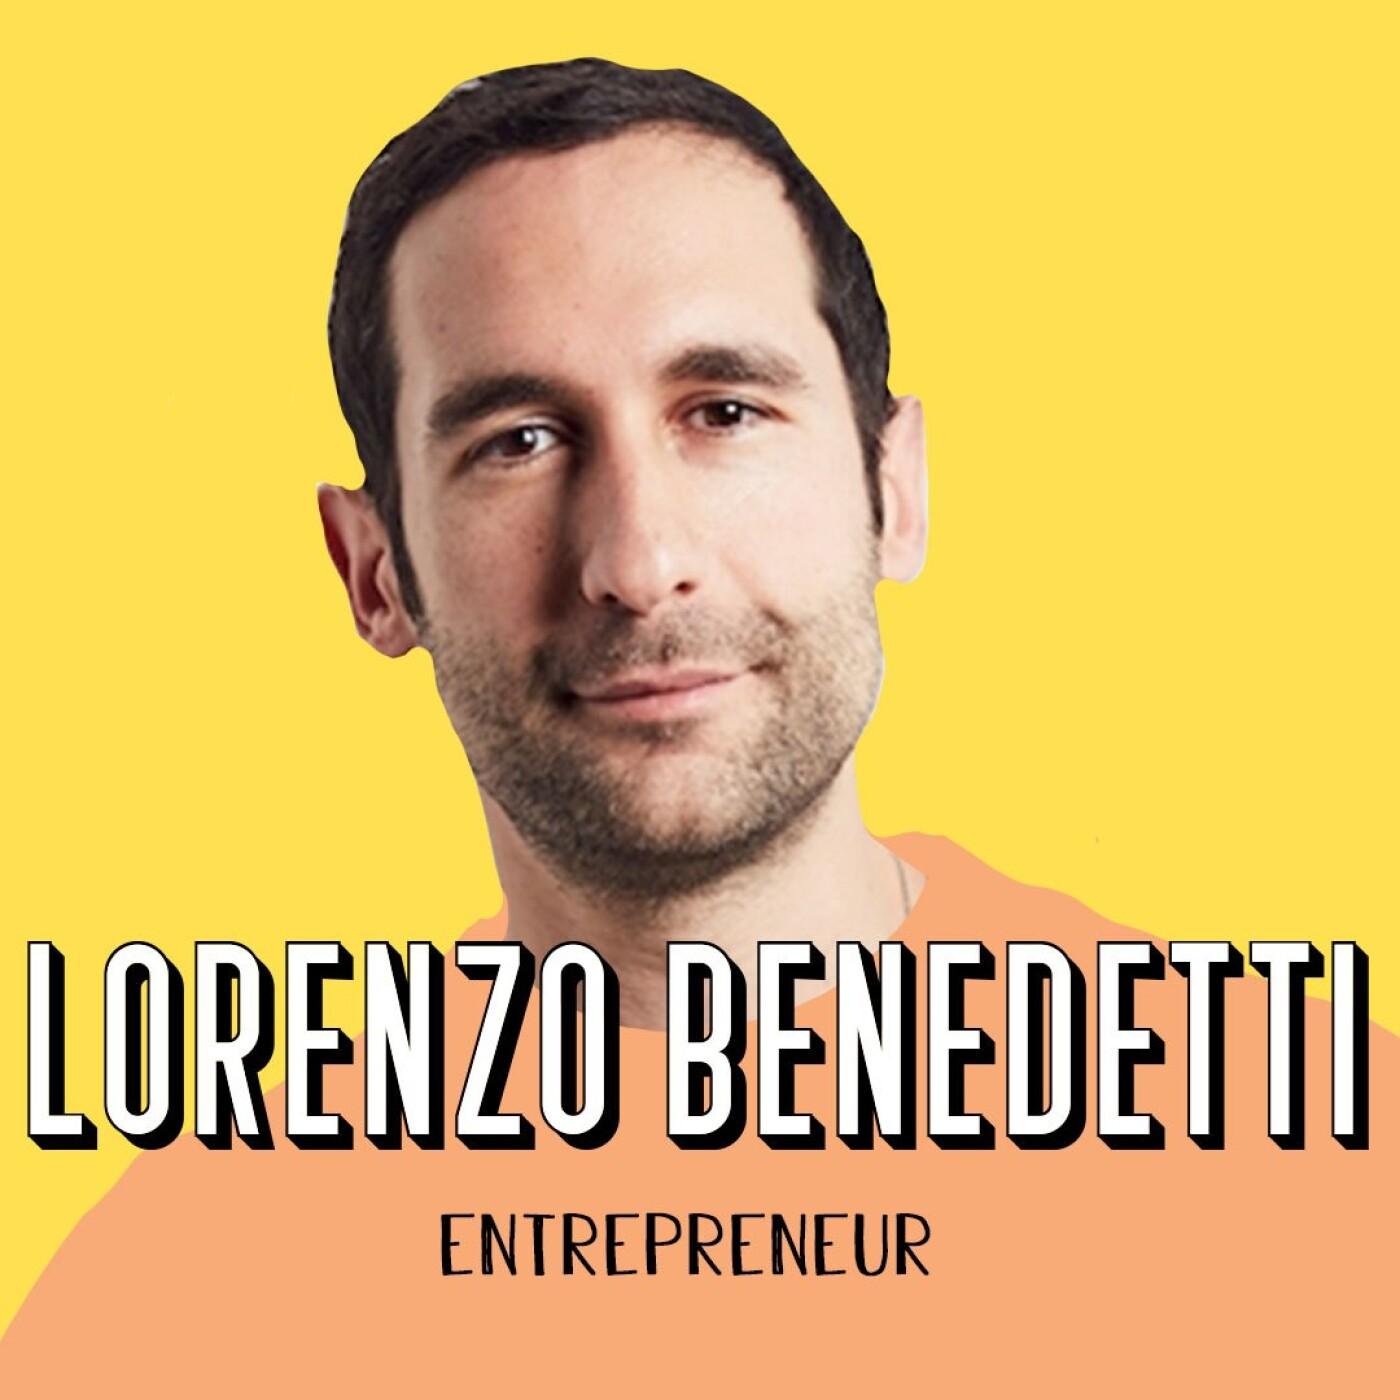 Lorenzo Benedetti, Producteur et Professeur à Sciences Po - Vous êtes des héros